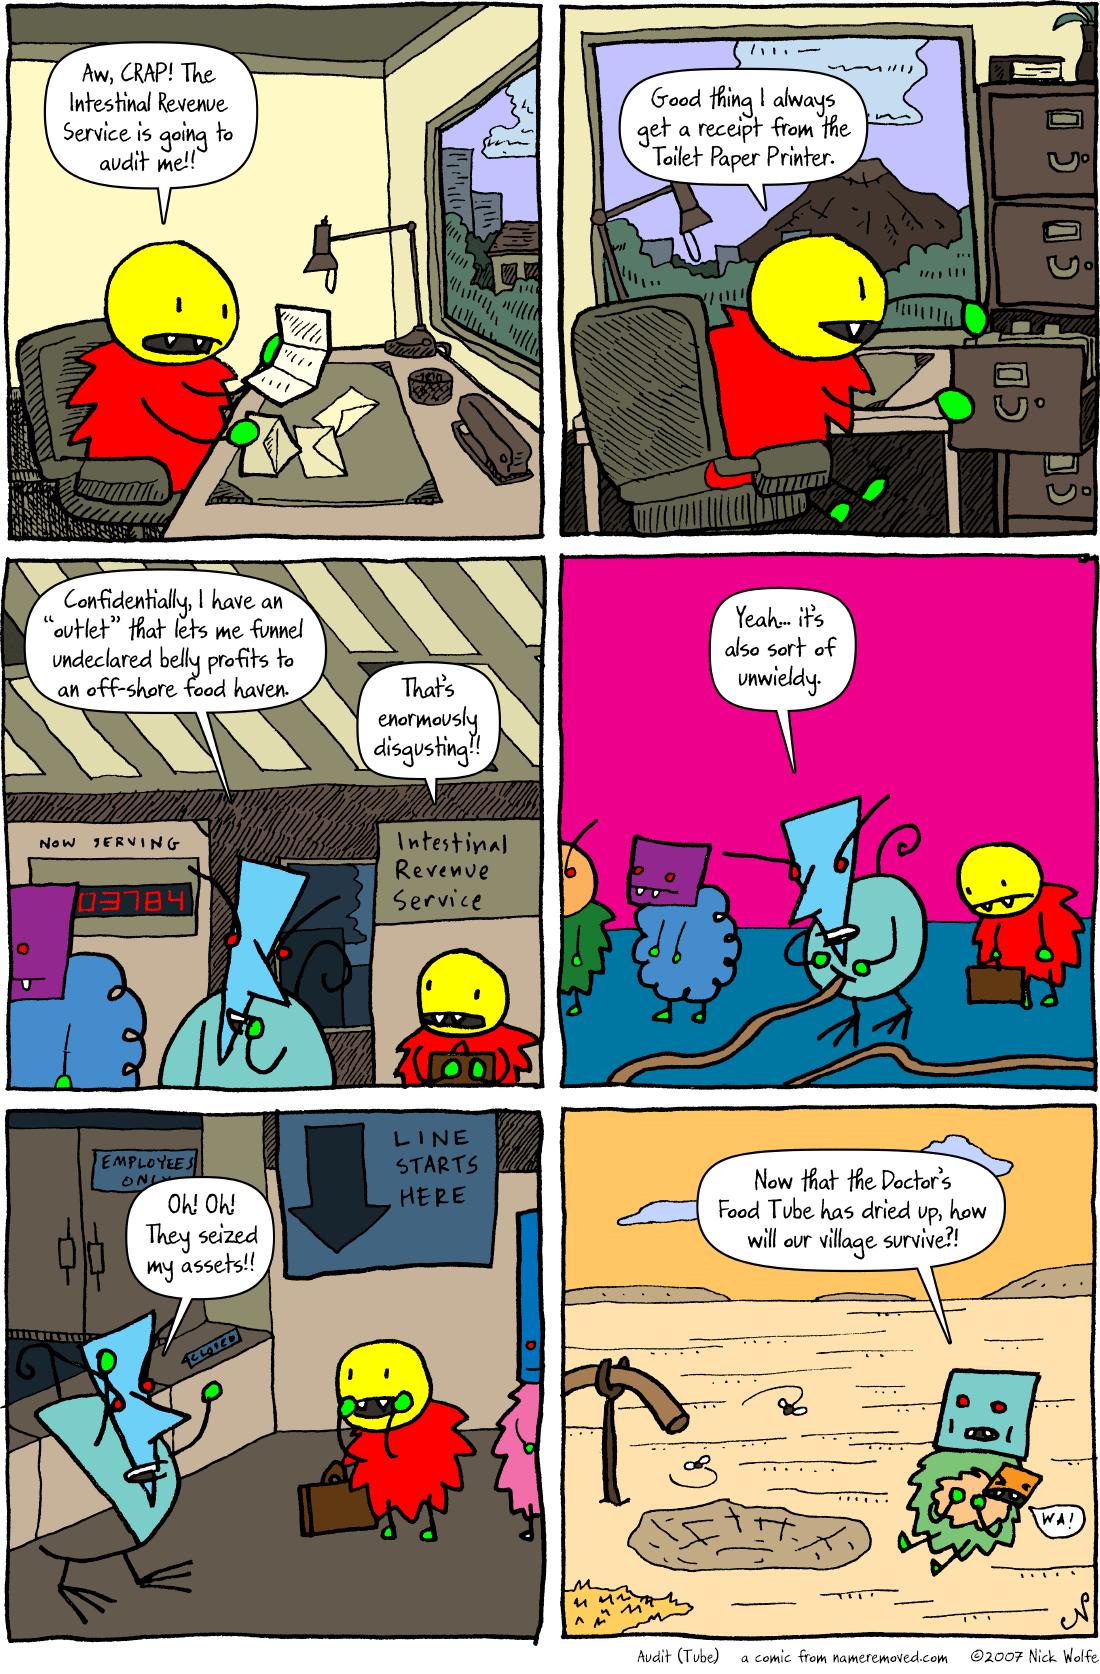 Audit (Tube)